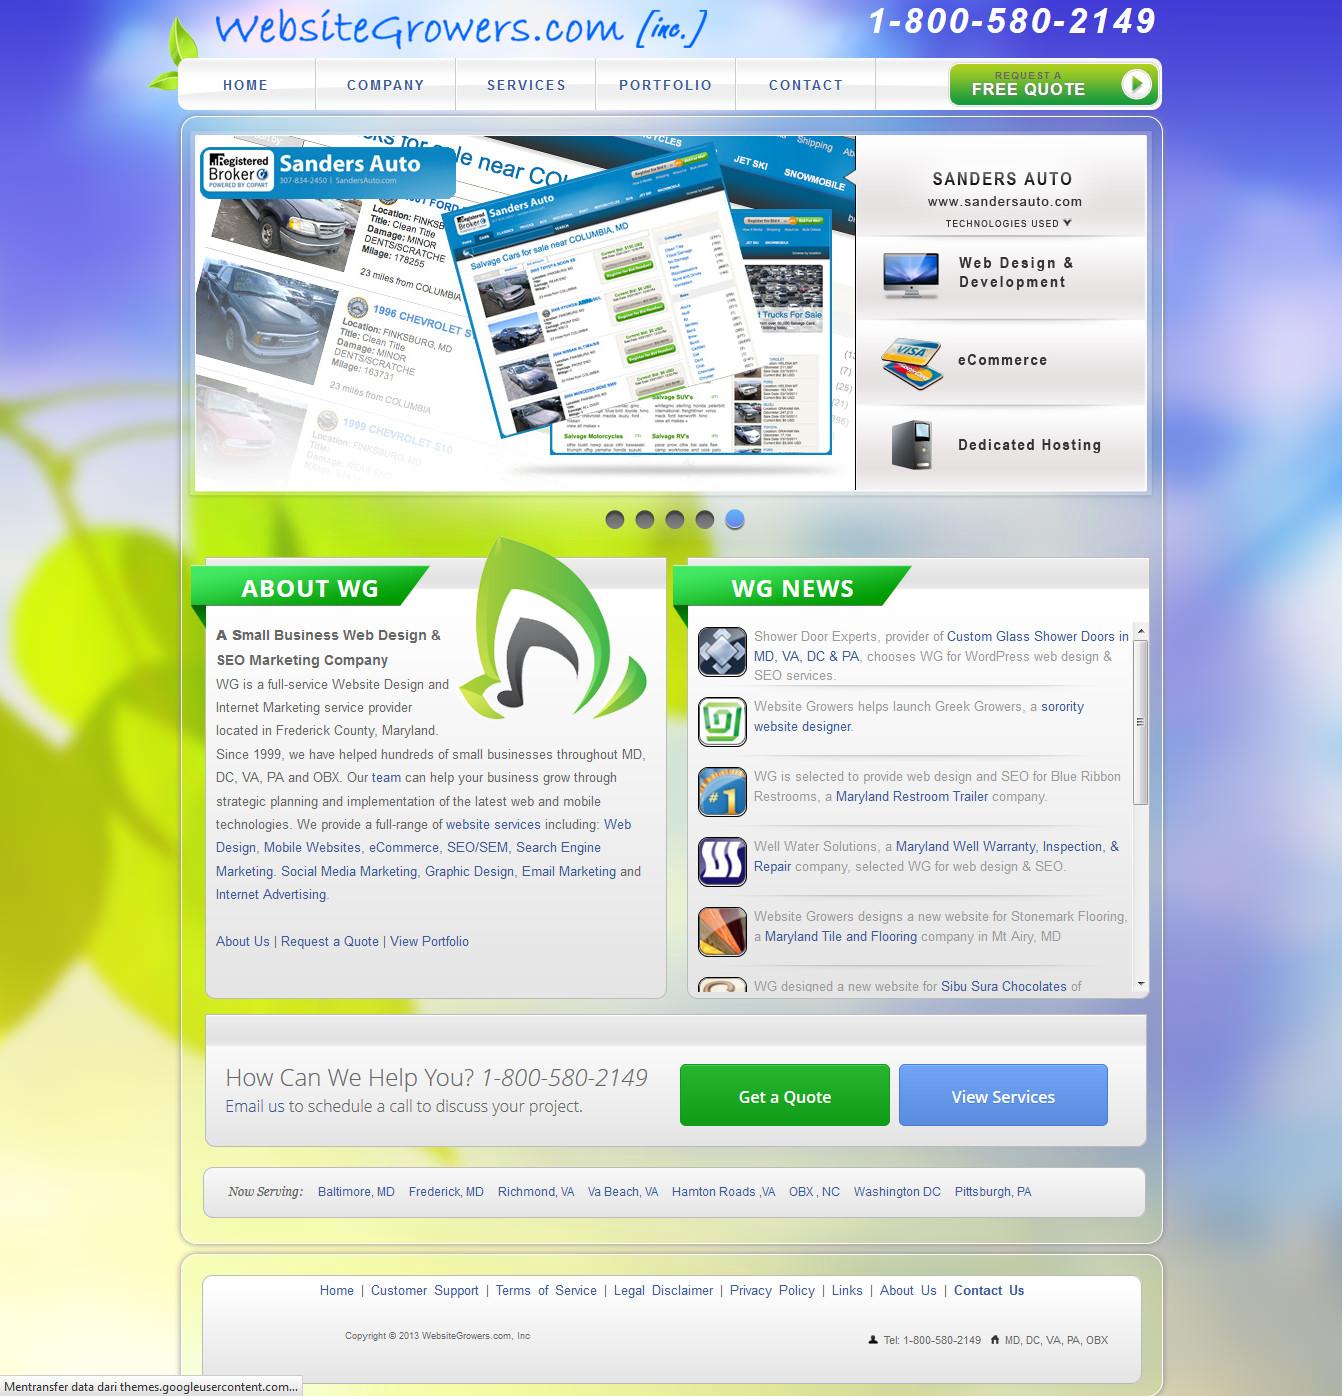 Website Growers